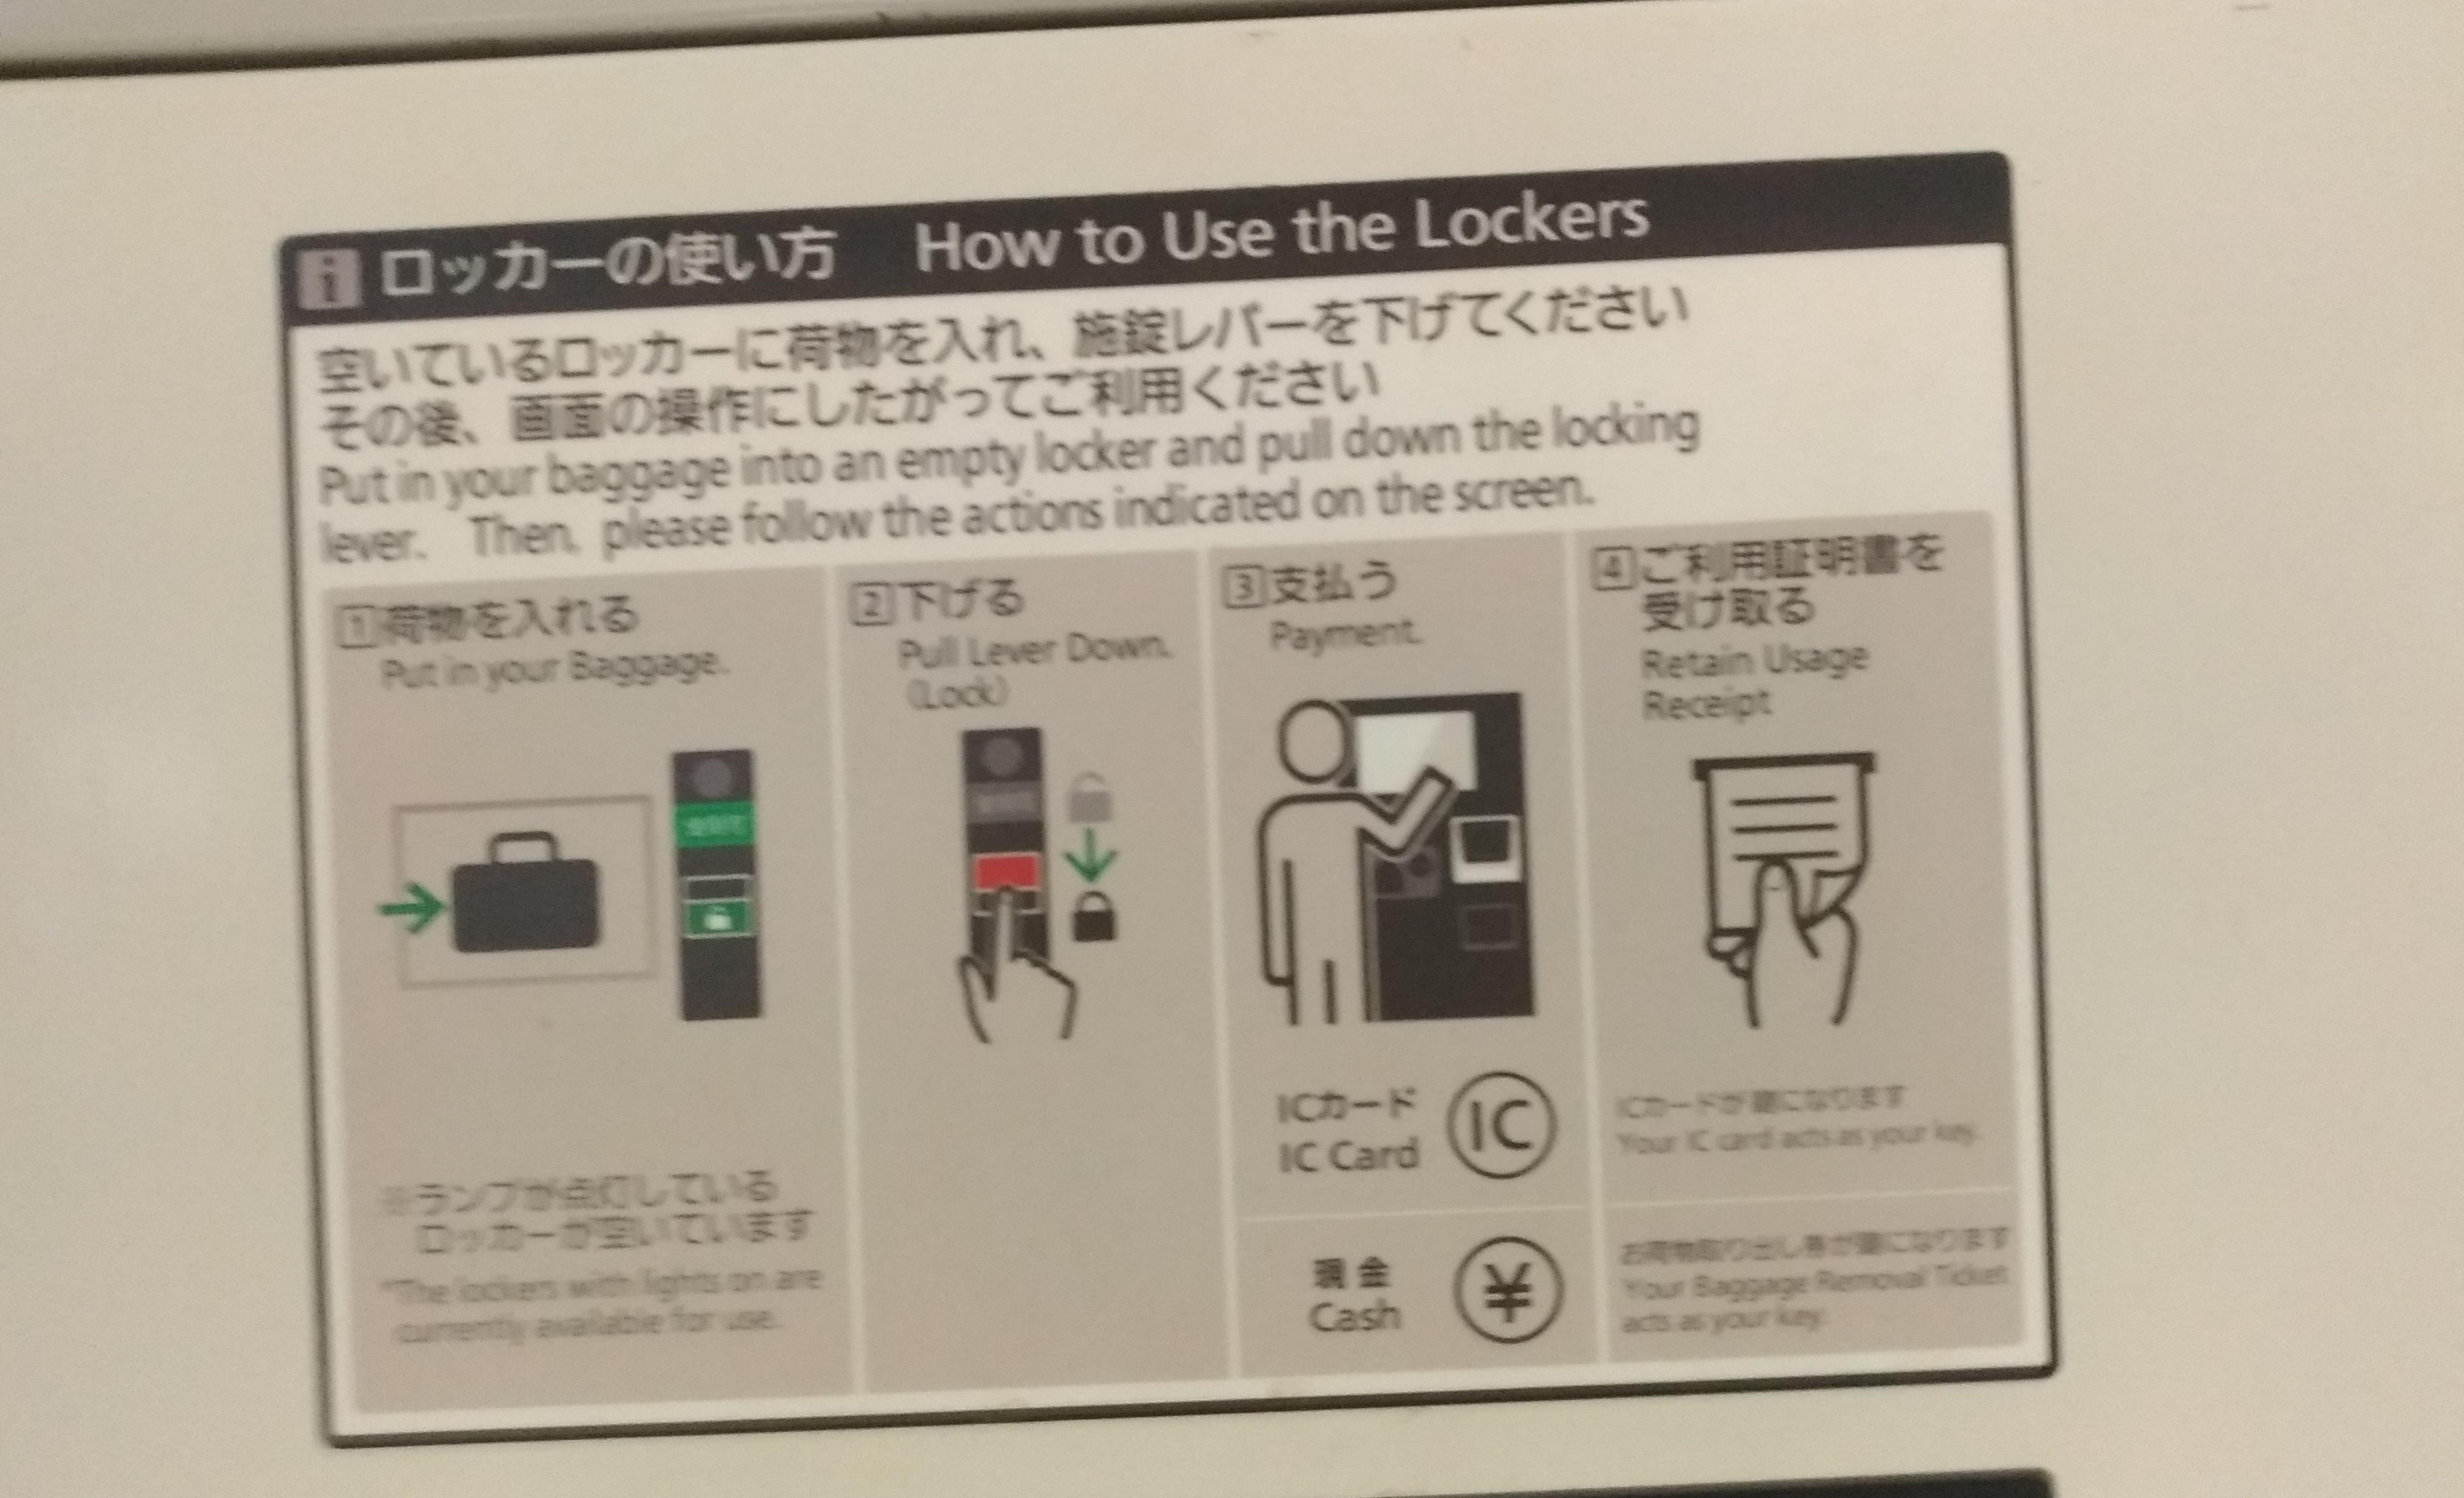 umeda_lockers_ic_qr_3.jpg